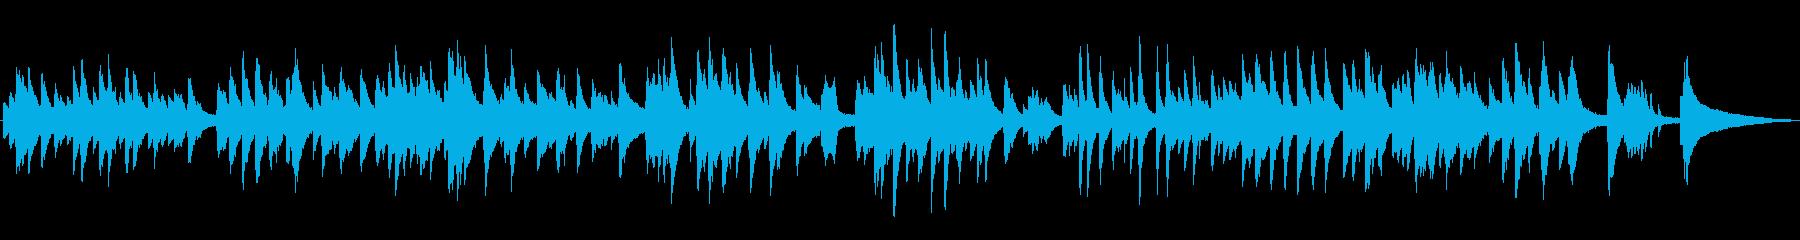 ゆったり落ち着いたラウンジピアノソロの再生済みの波形